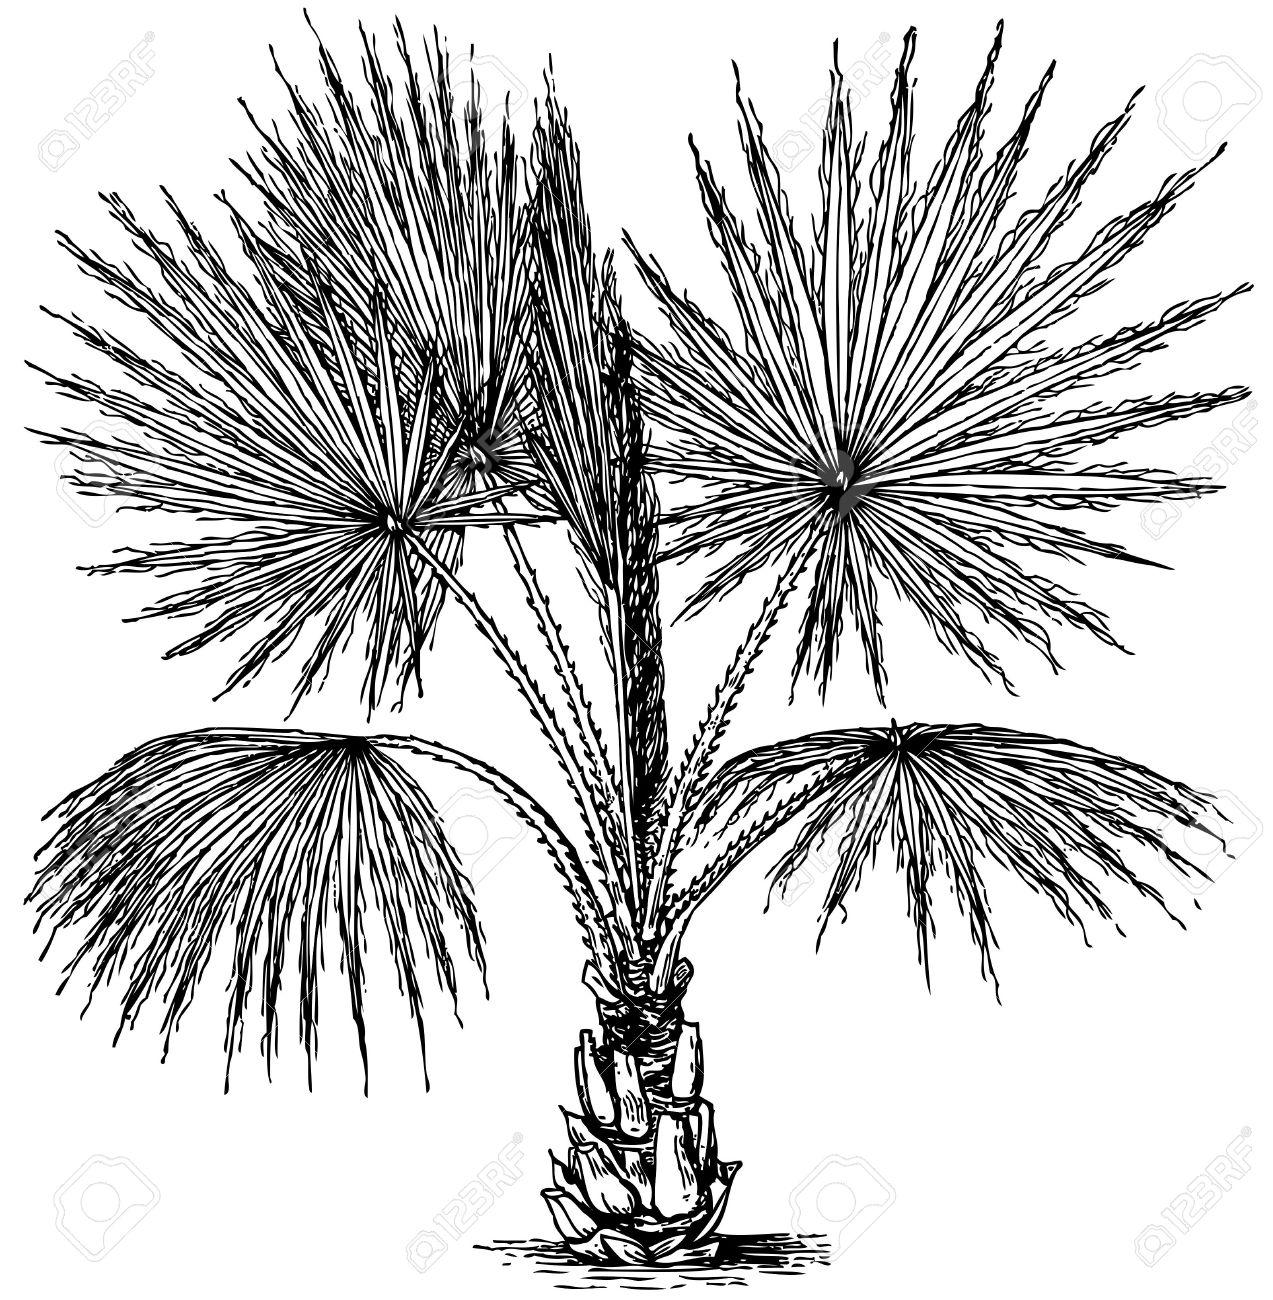 Palm fan clipart #13